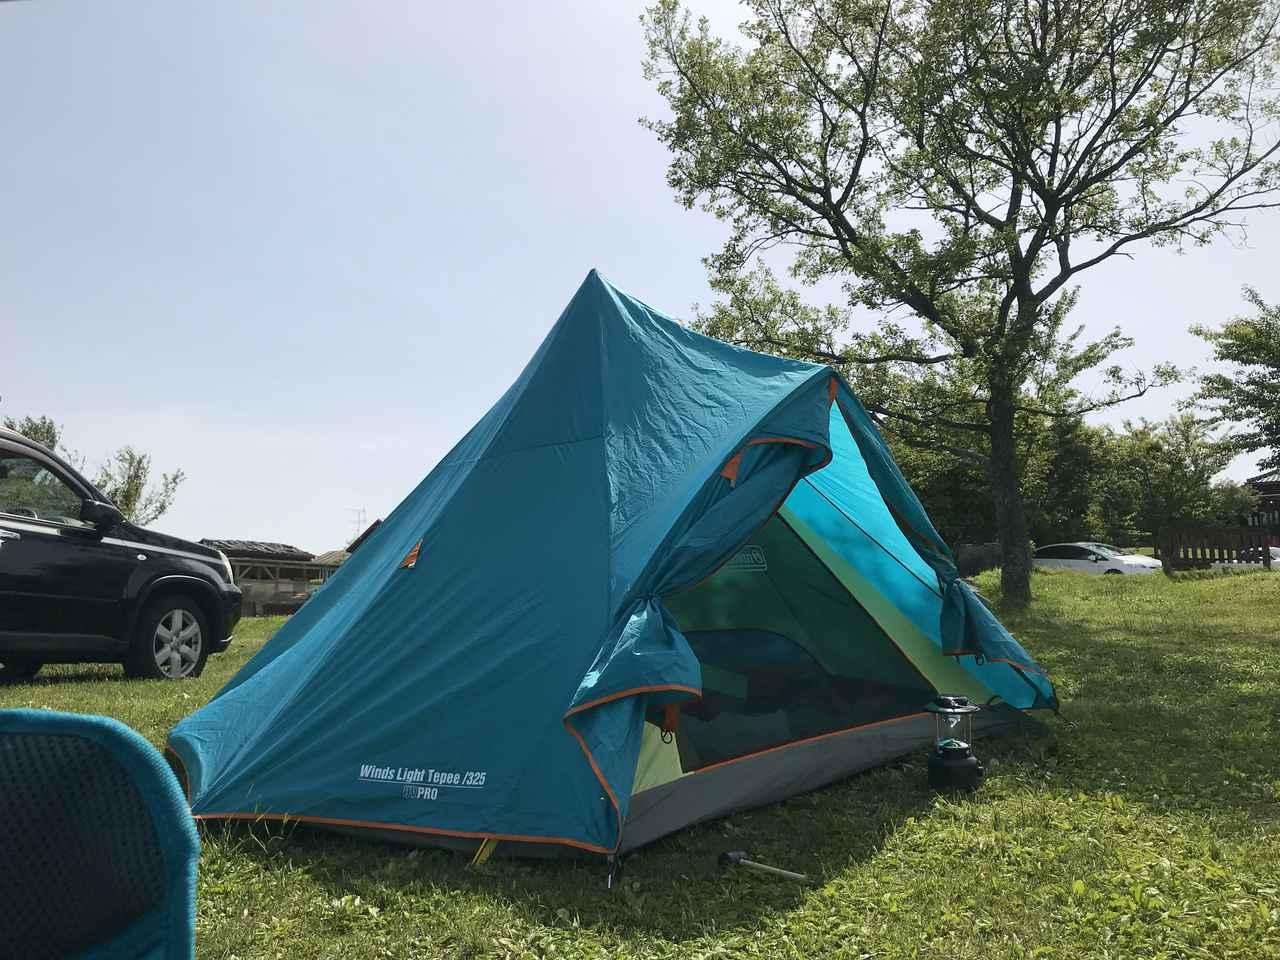 画像: ソロキャンプ用テントの選ぶポイントは?! 「広さ・大きさ・軽さ」が超重要! 機能性で選ぼう!